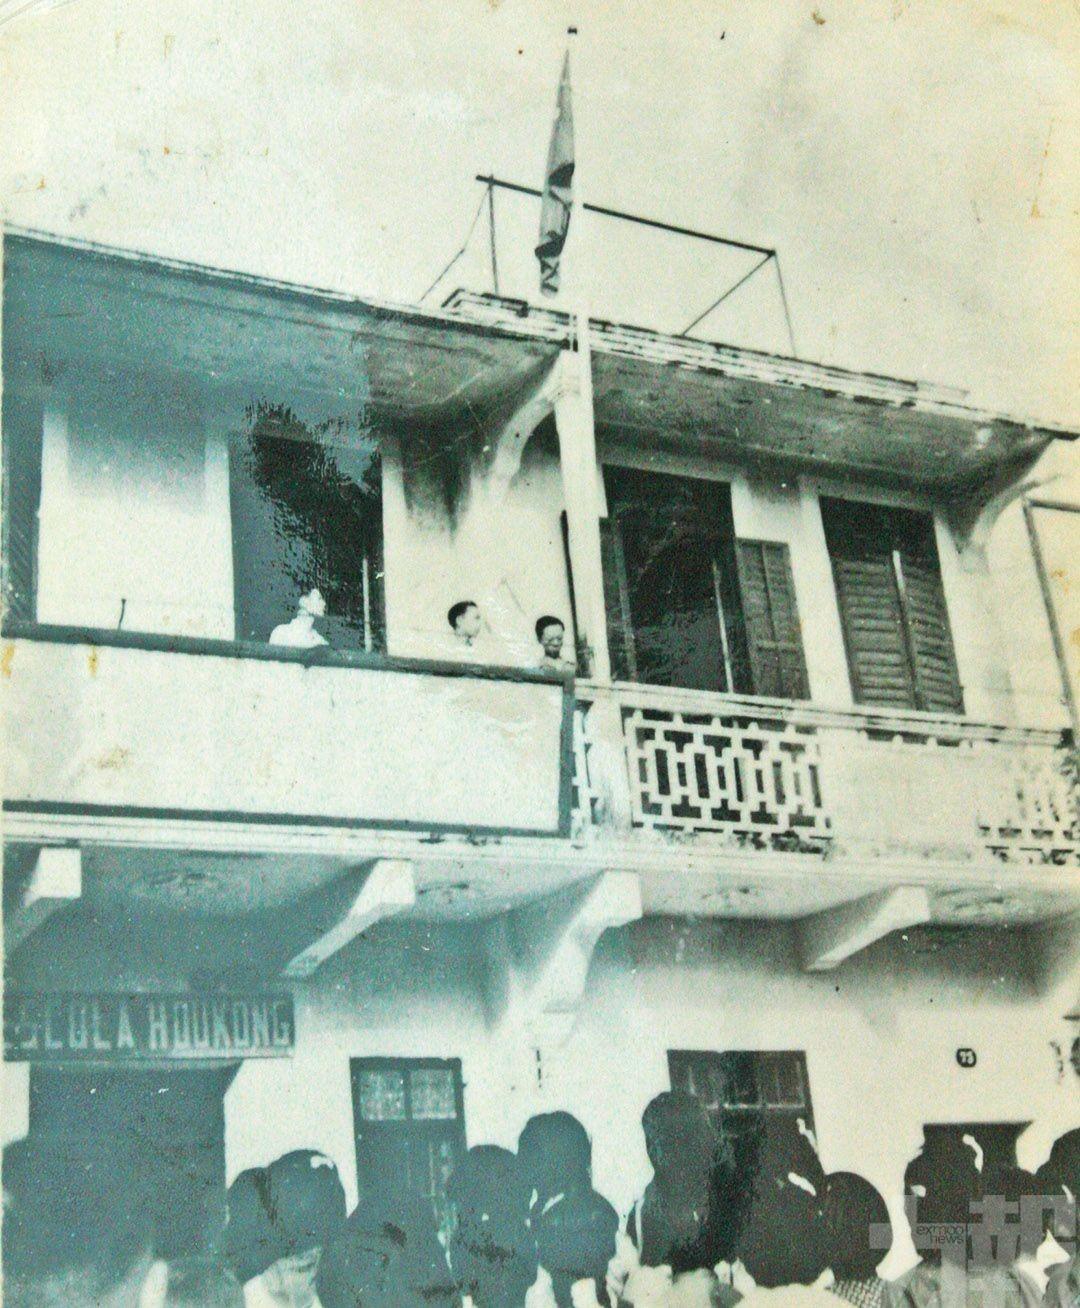 ——國共爭奪全國政權時期的澳門共產黨組織